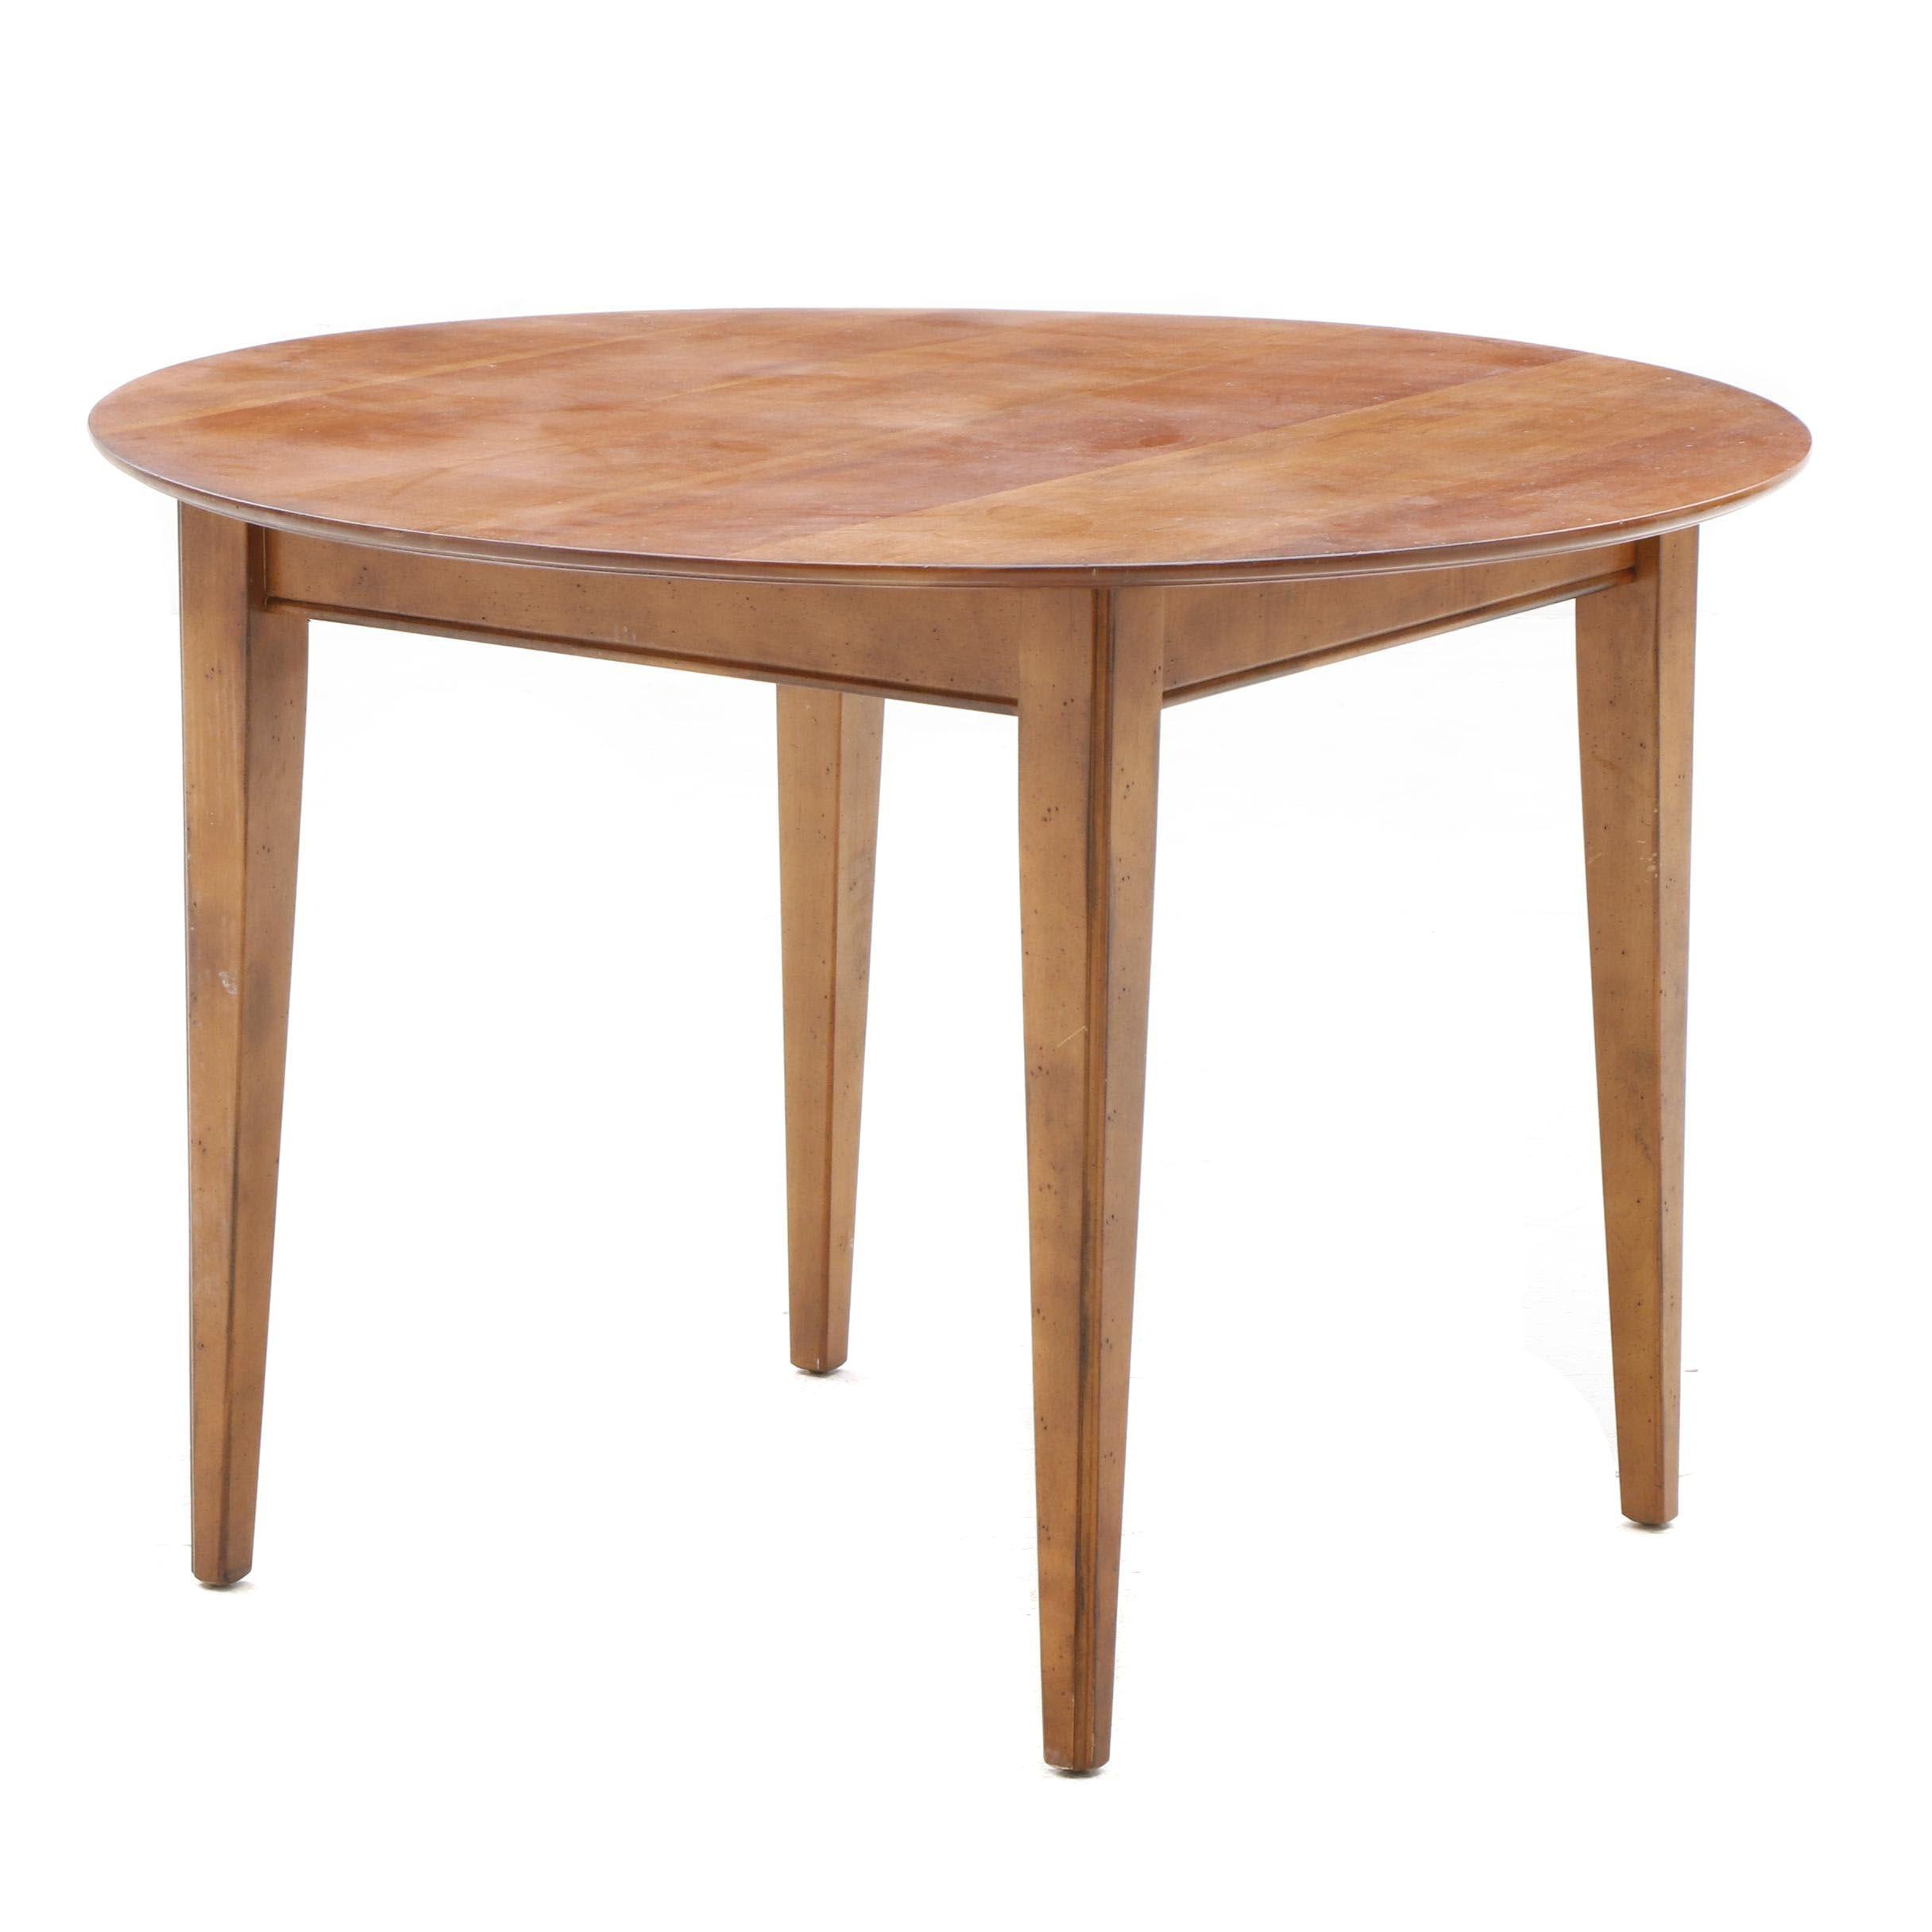 Cherry Hepplewhite Style Table